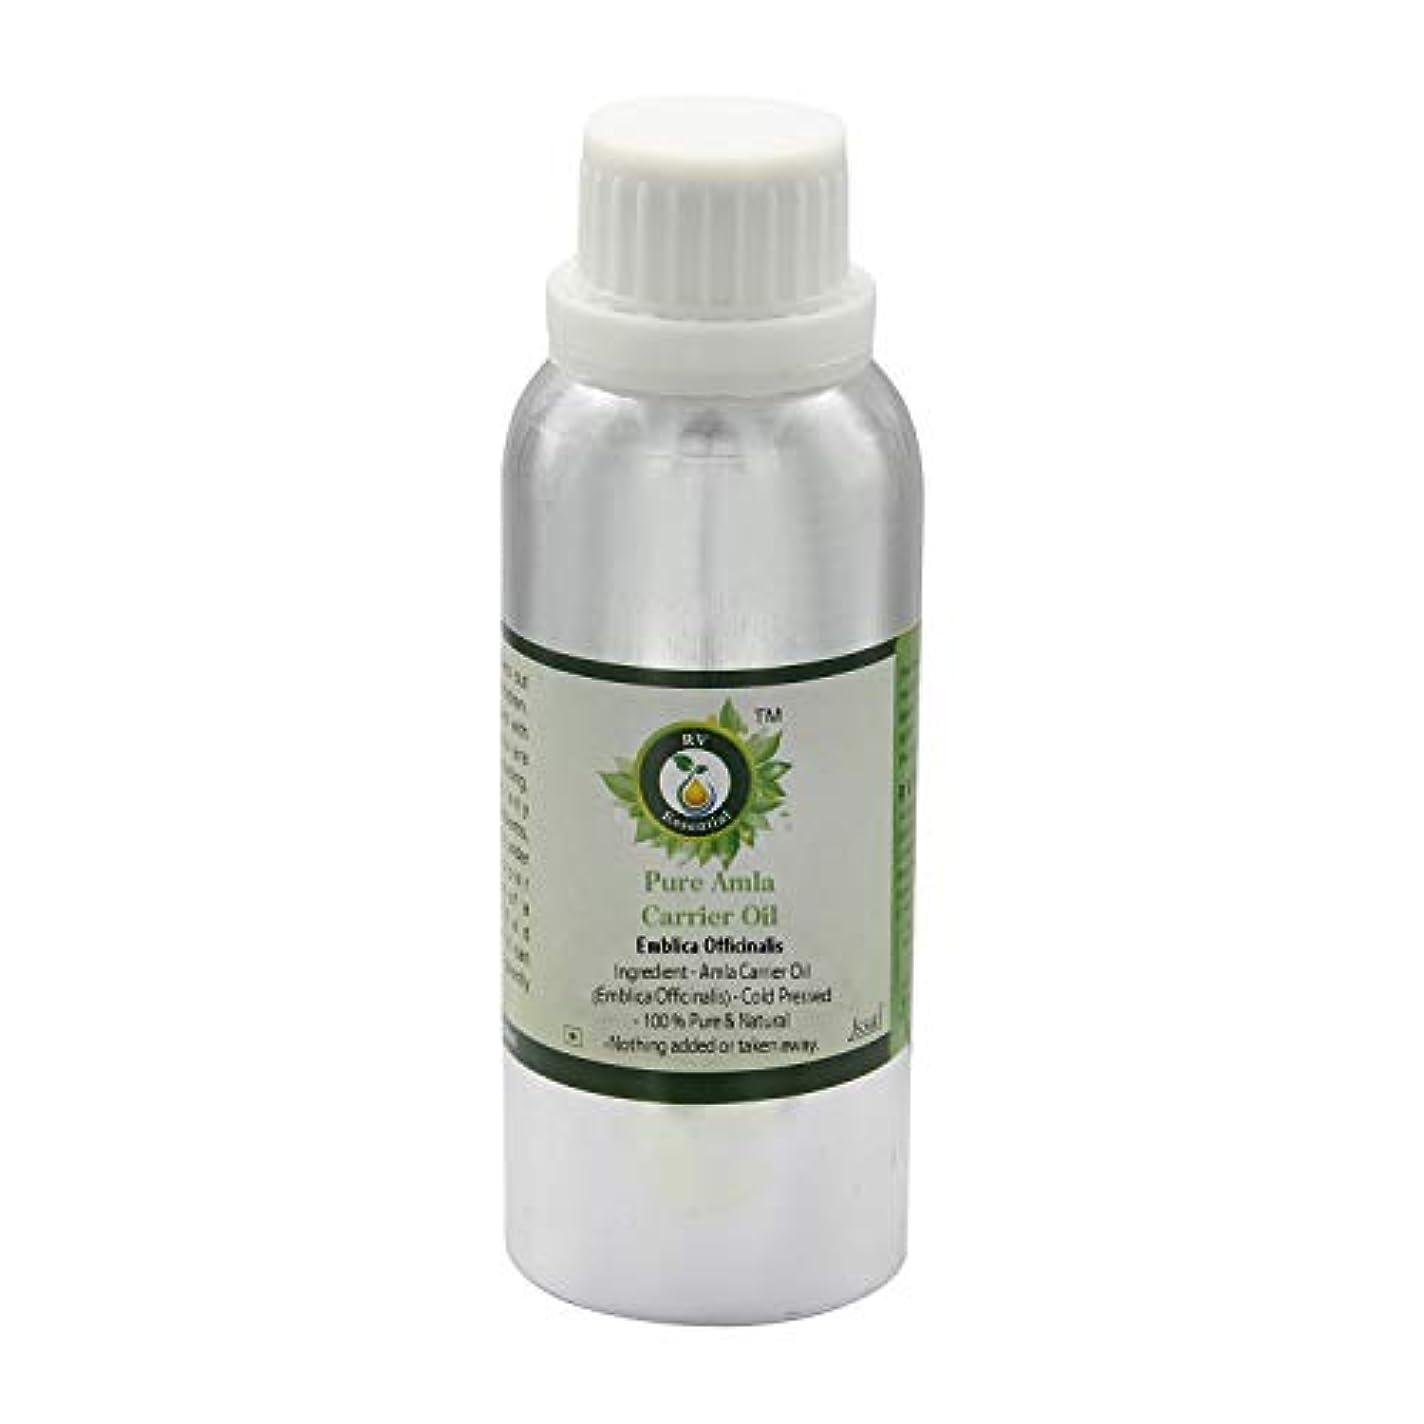 美容師プロトタイプパキスタン人純粋なAmla油630ml (21oz)- Emblica Officinalis (100%純粋で天然の希少ハーブシリーズ) Pure Amla Oil